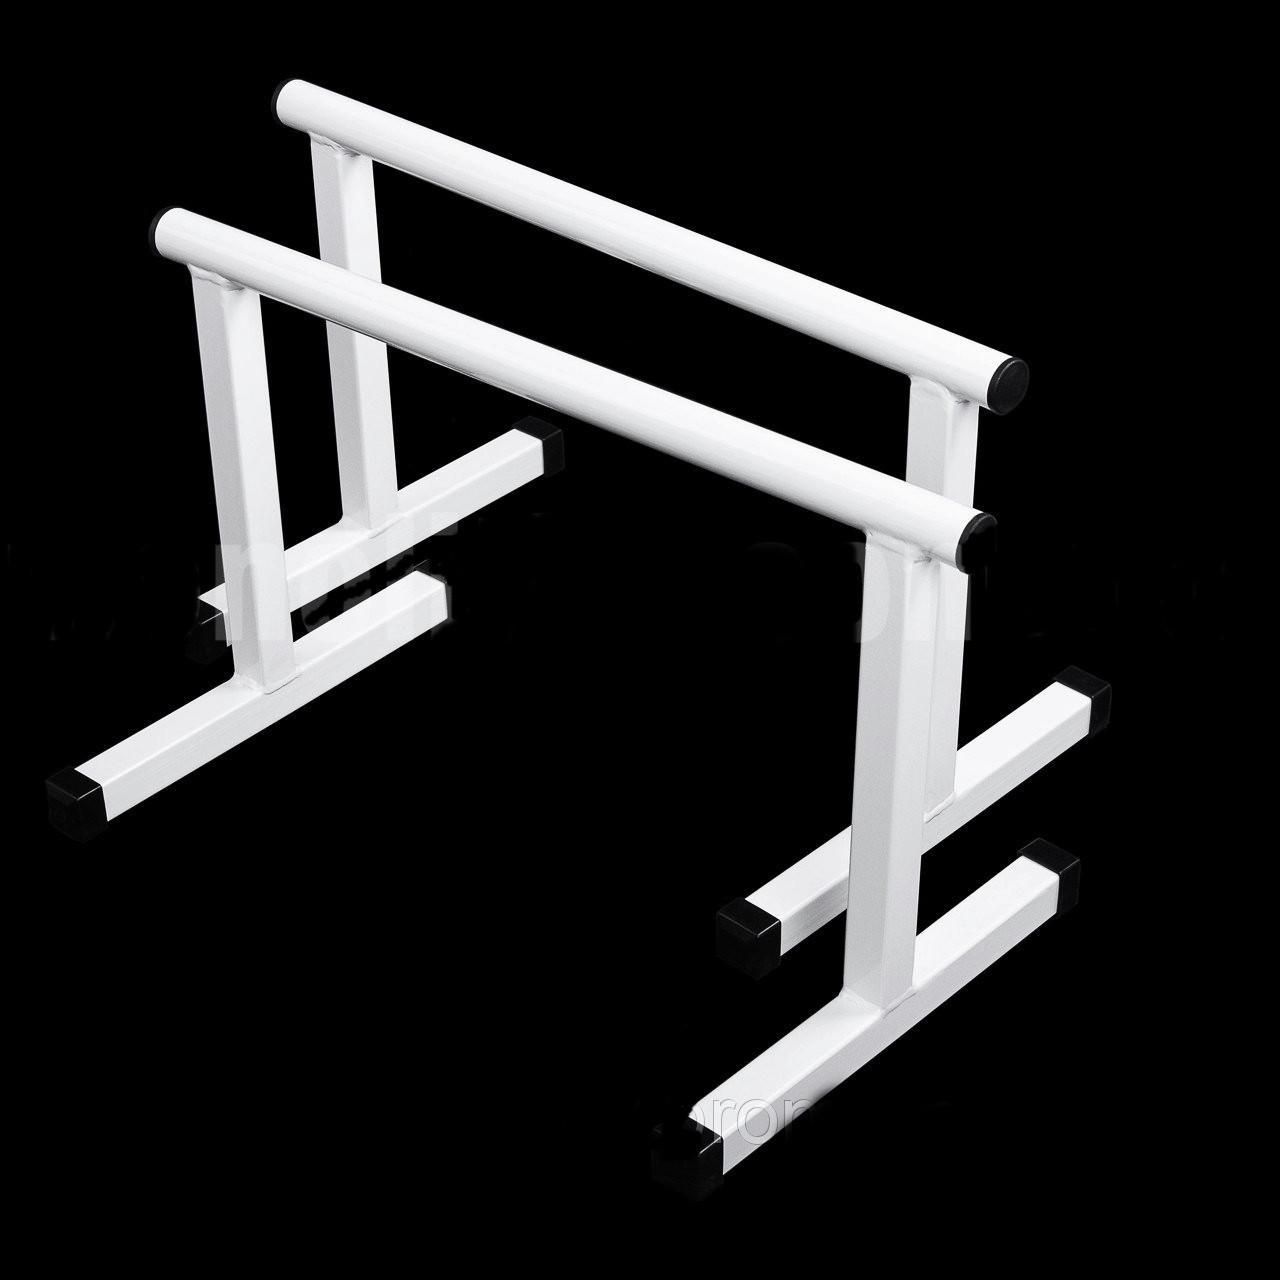 Паралетсы, напольные брусья Sub Bilding для Workout 35 см белые